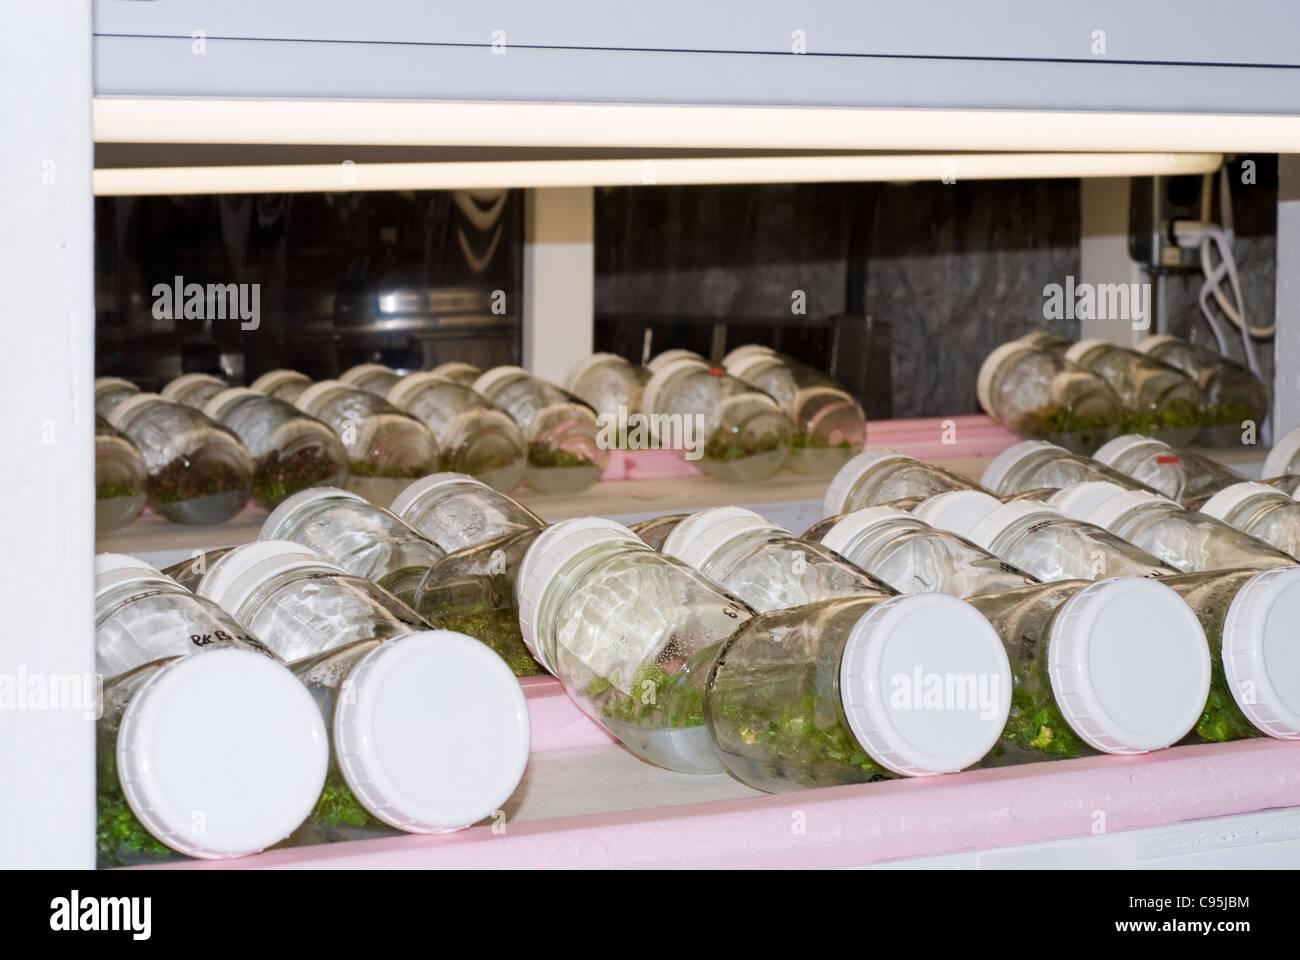 Matraces de laboratorio de propagación de plantas crecen en condiciones estériles aparato científico bajo luces clonación clones mericlone tubo de ensayo Foto de stock